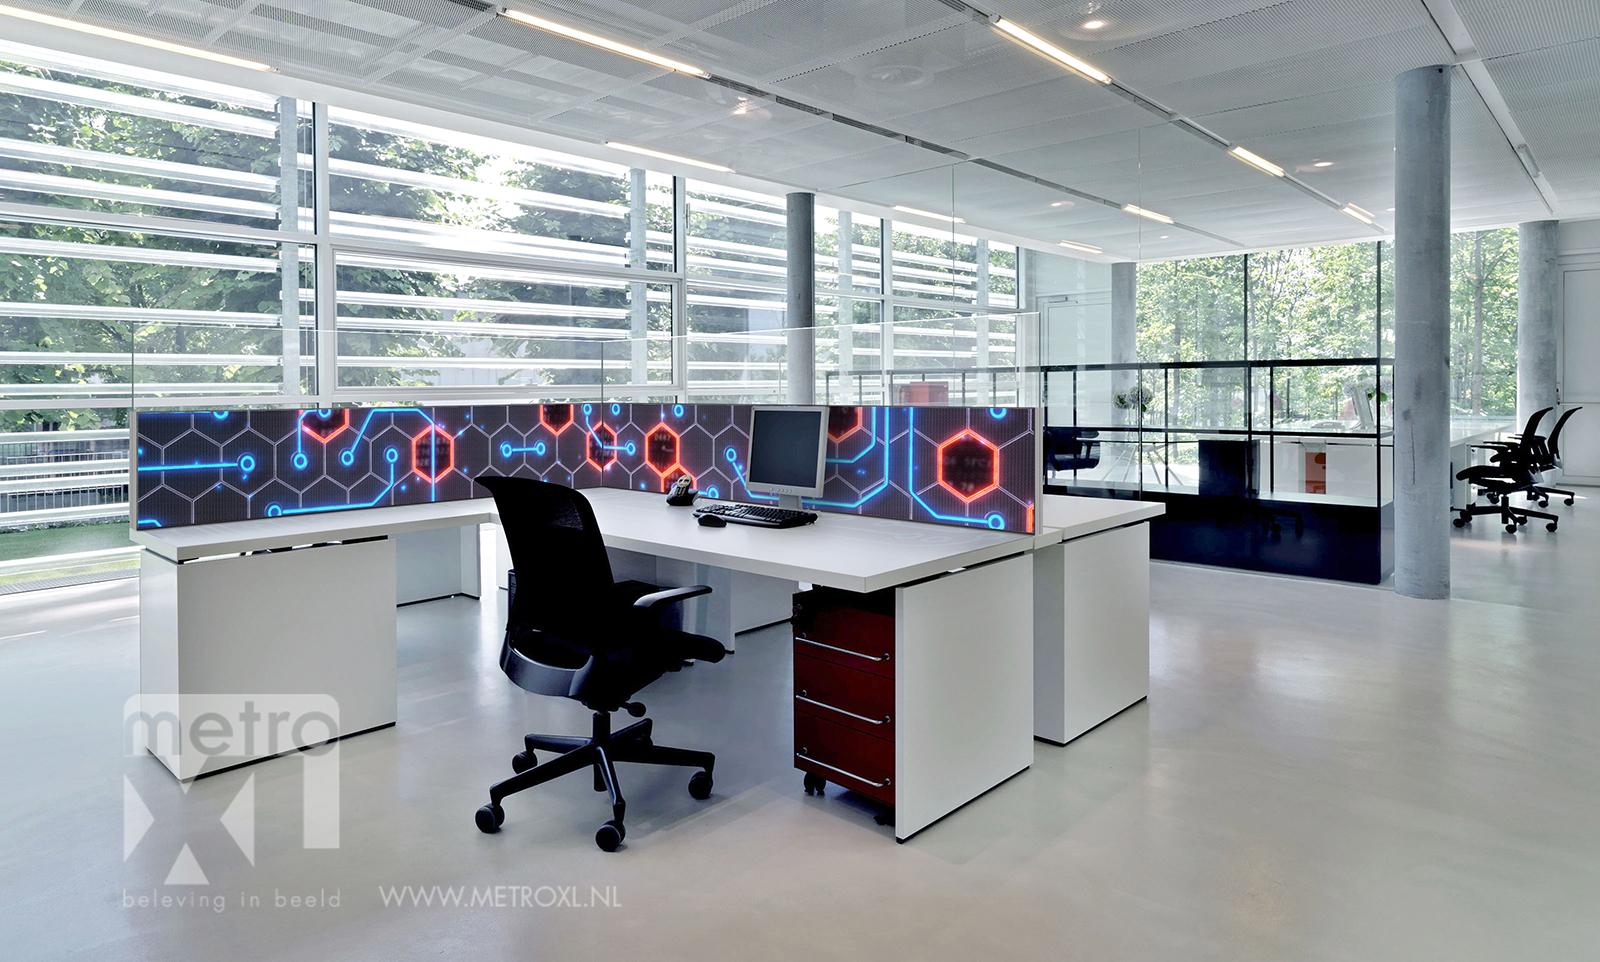 Coronascherm bureauscherm kantoor MetroXL